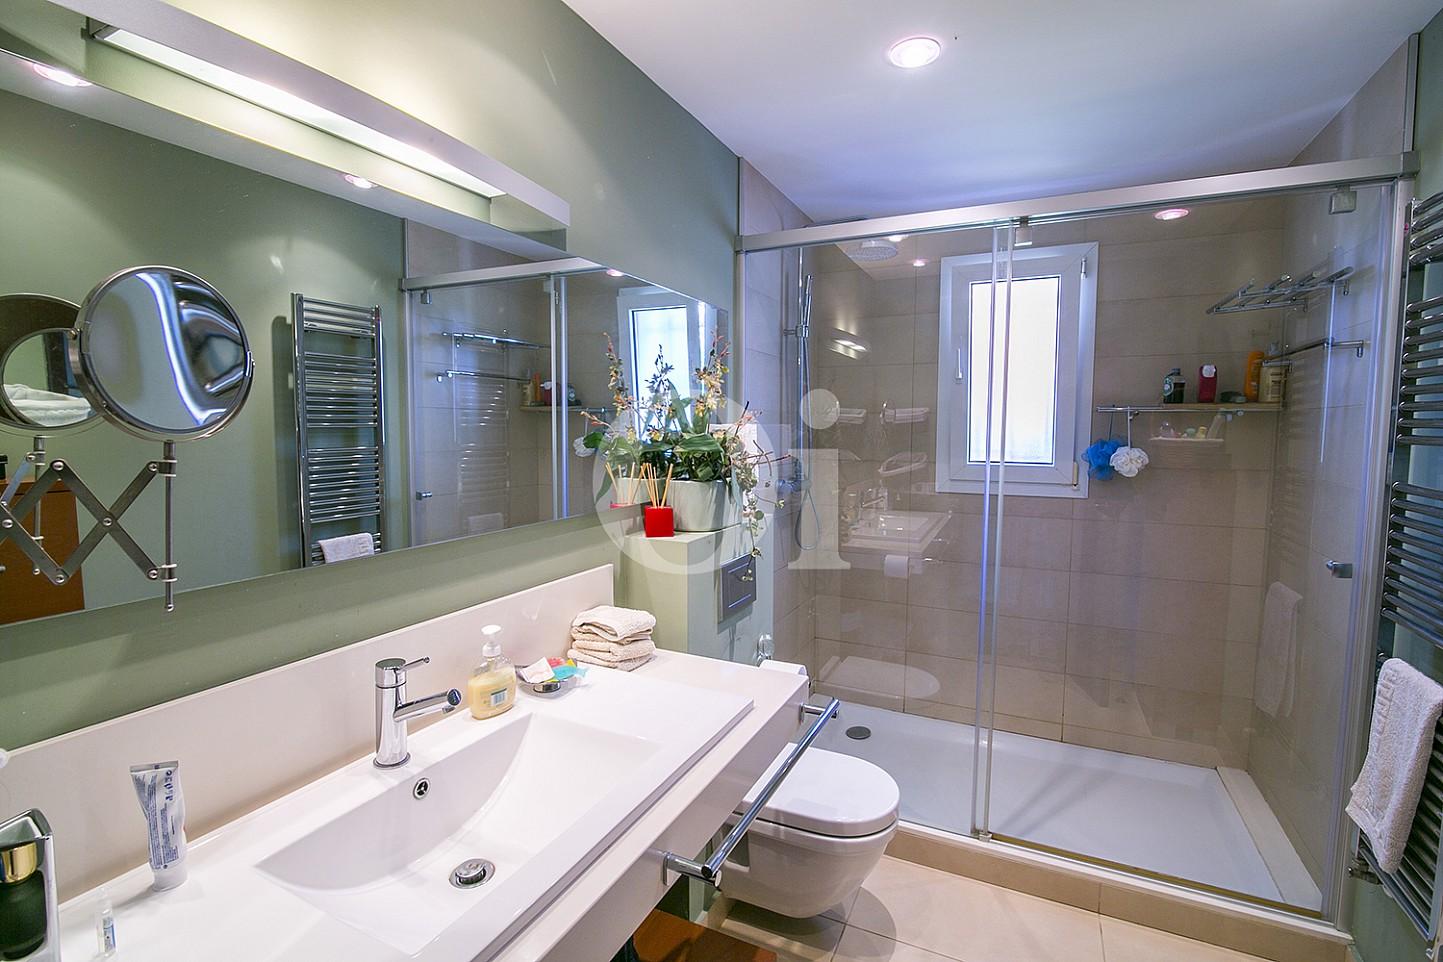 Lujoso baño completo con plato de ducha y aseo en magnífica casa en venta situada en Cabrils